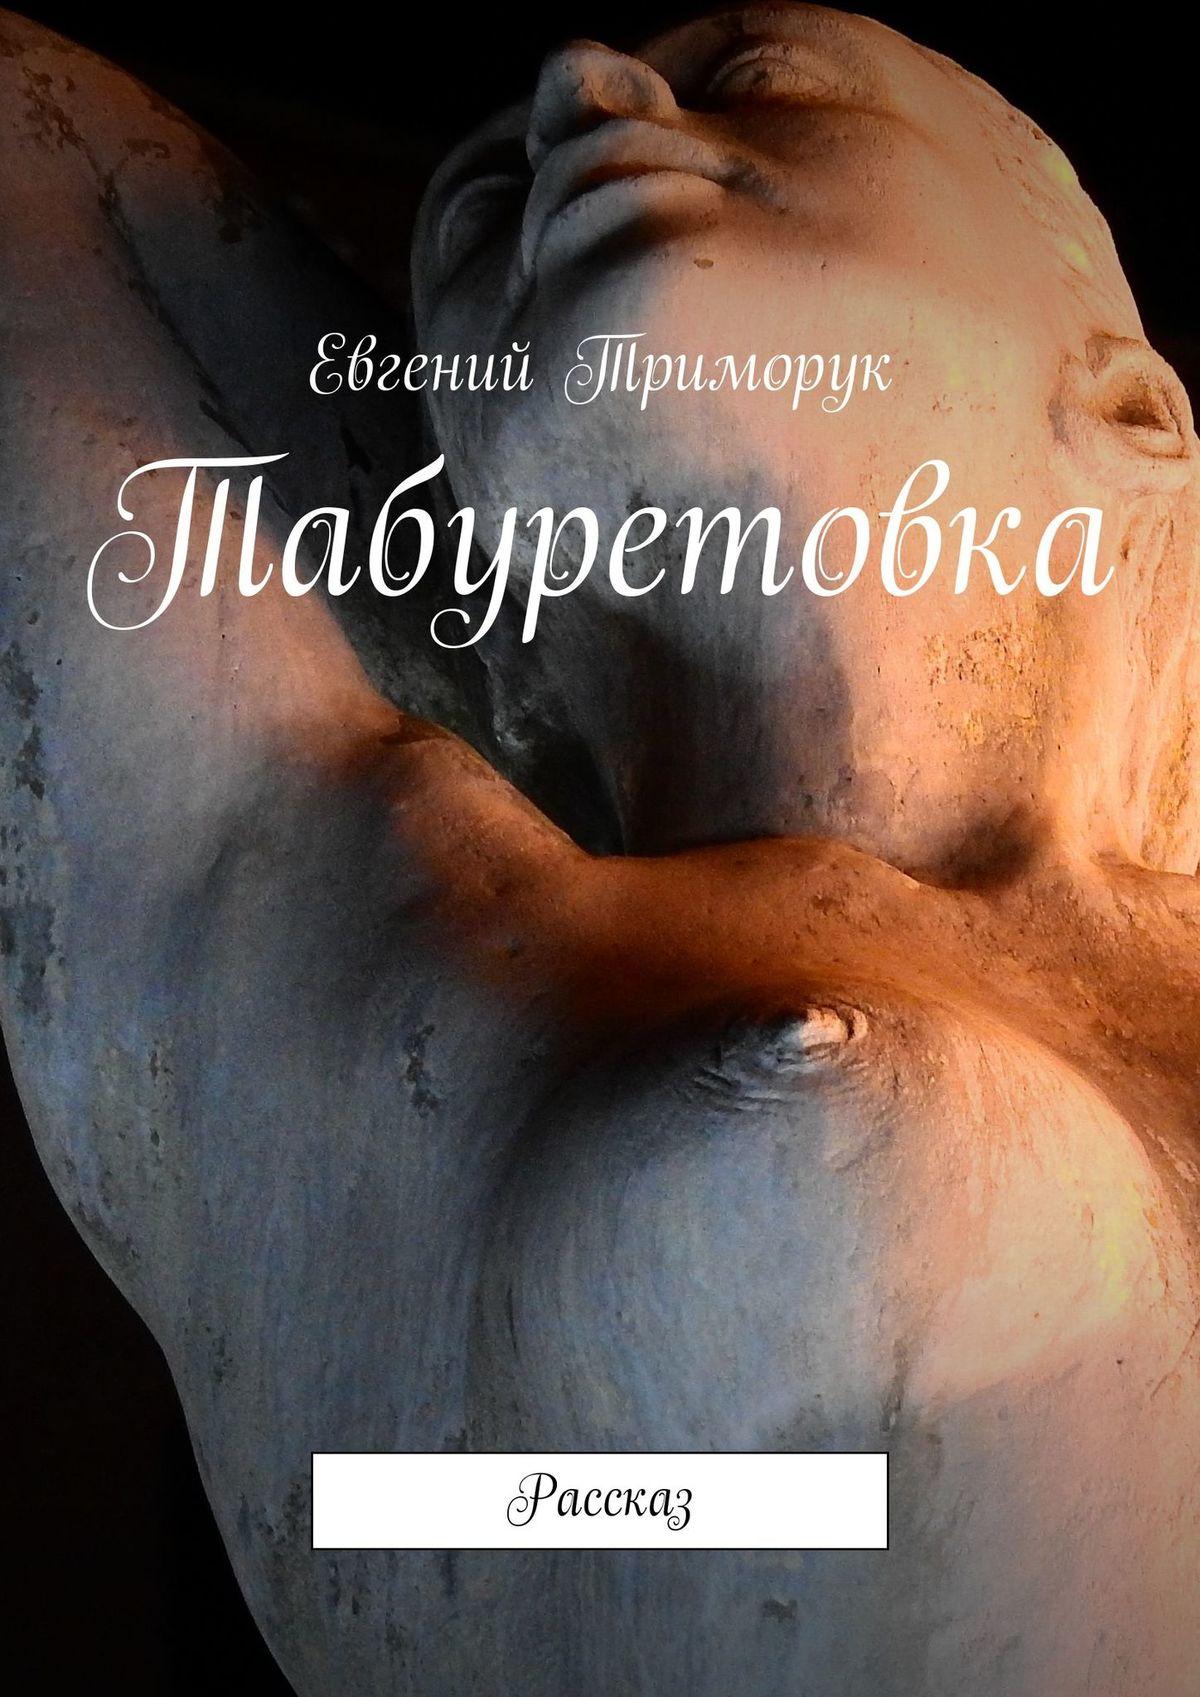 Евгений Триморук Табуретовка. Рассказ евгений триморук текст несколько невообразимых переходов восне